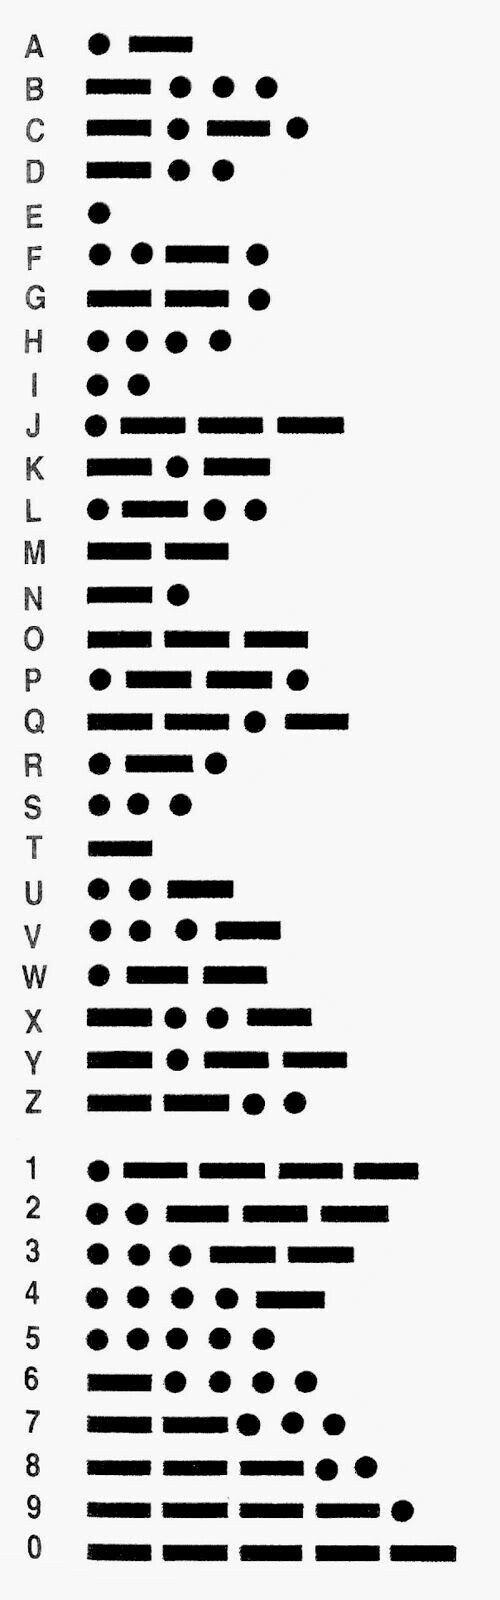 Alfabeto codice morse